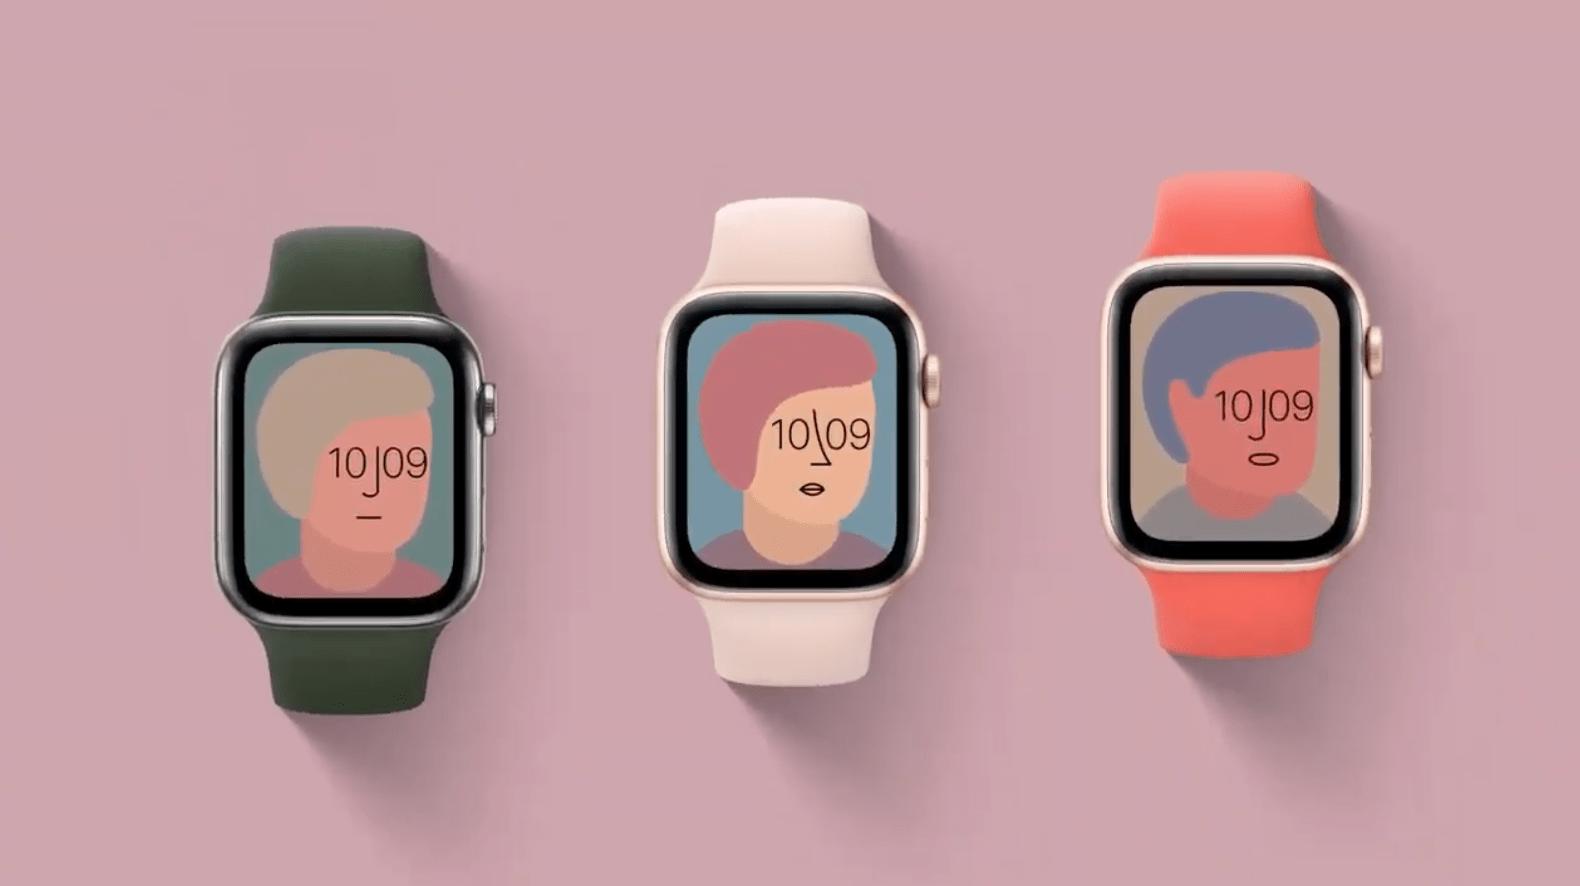 giá đồng hồ thông minh apple watch